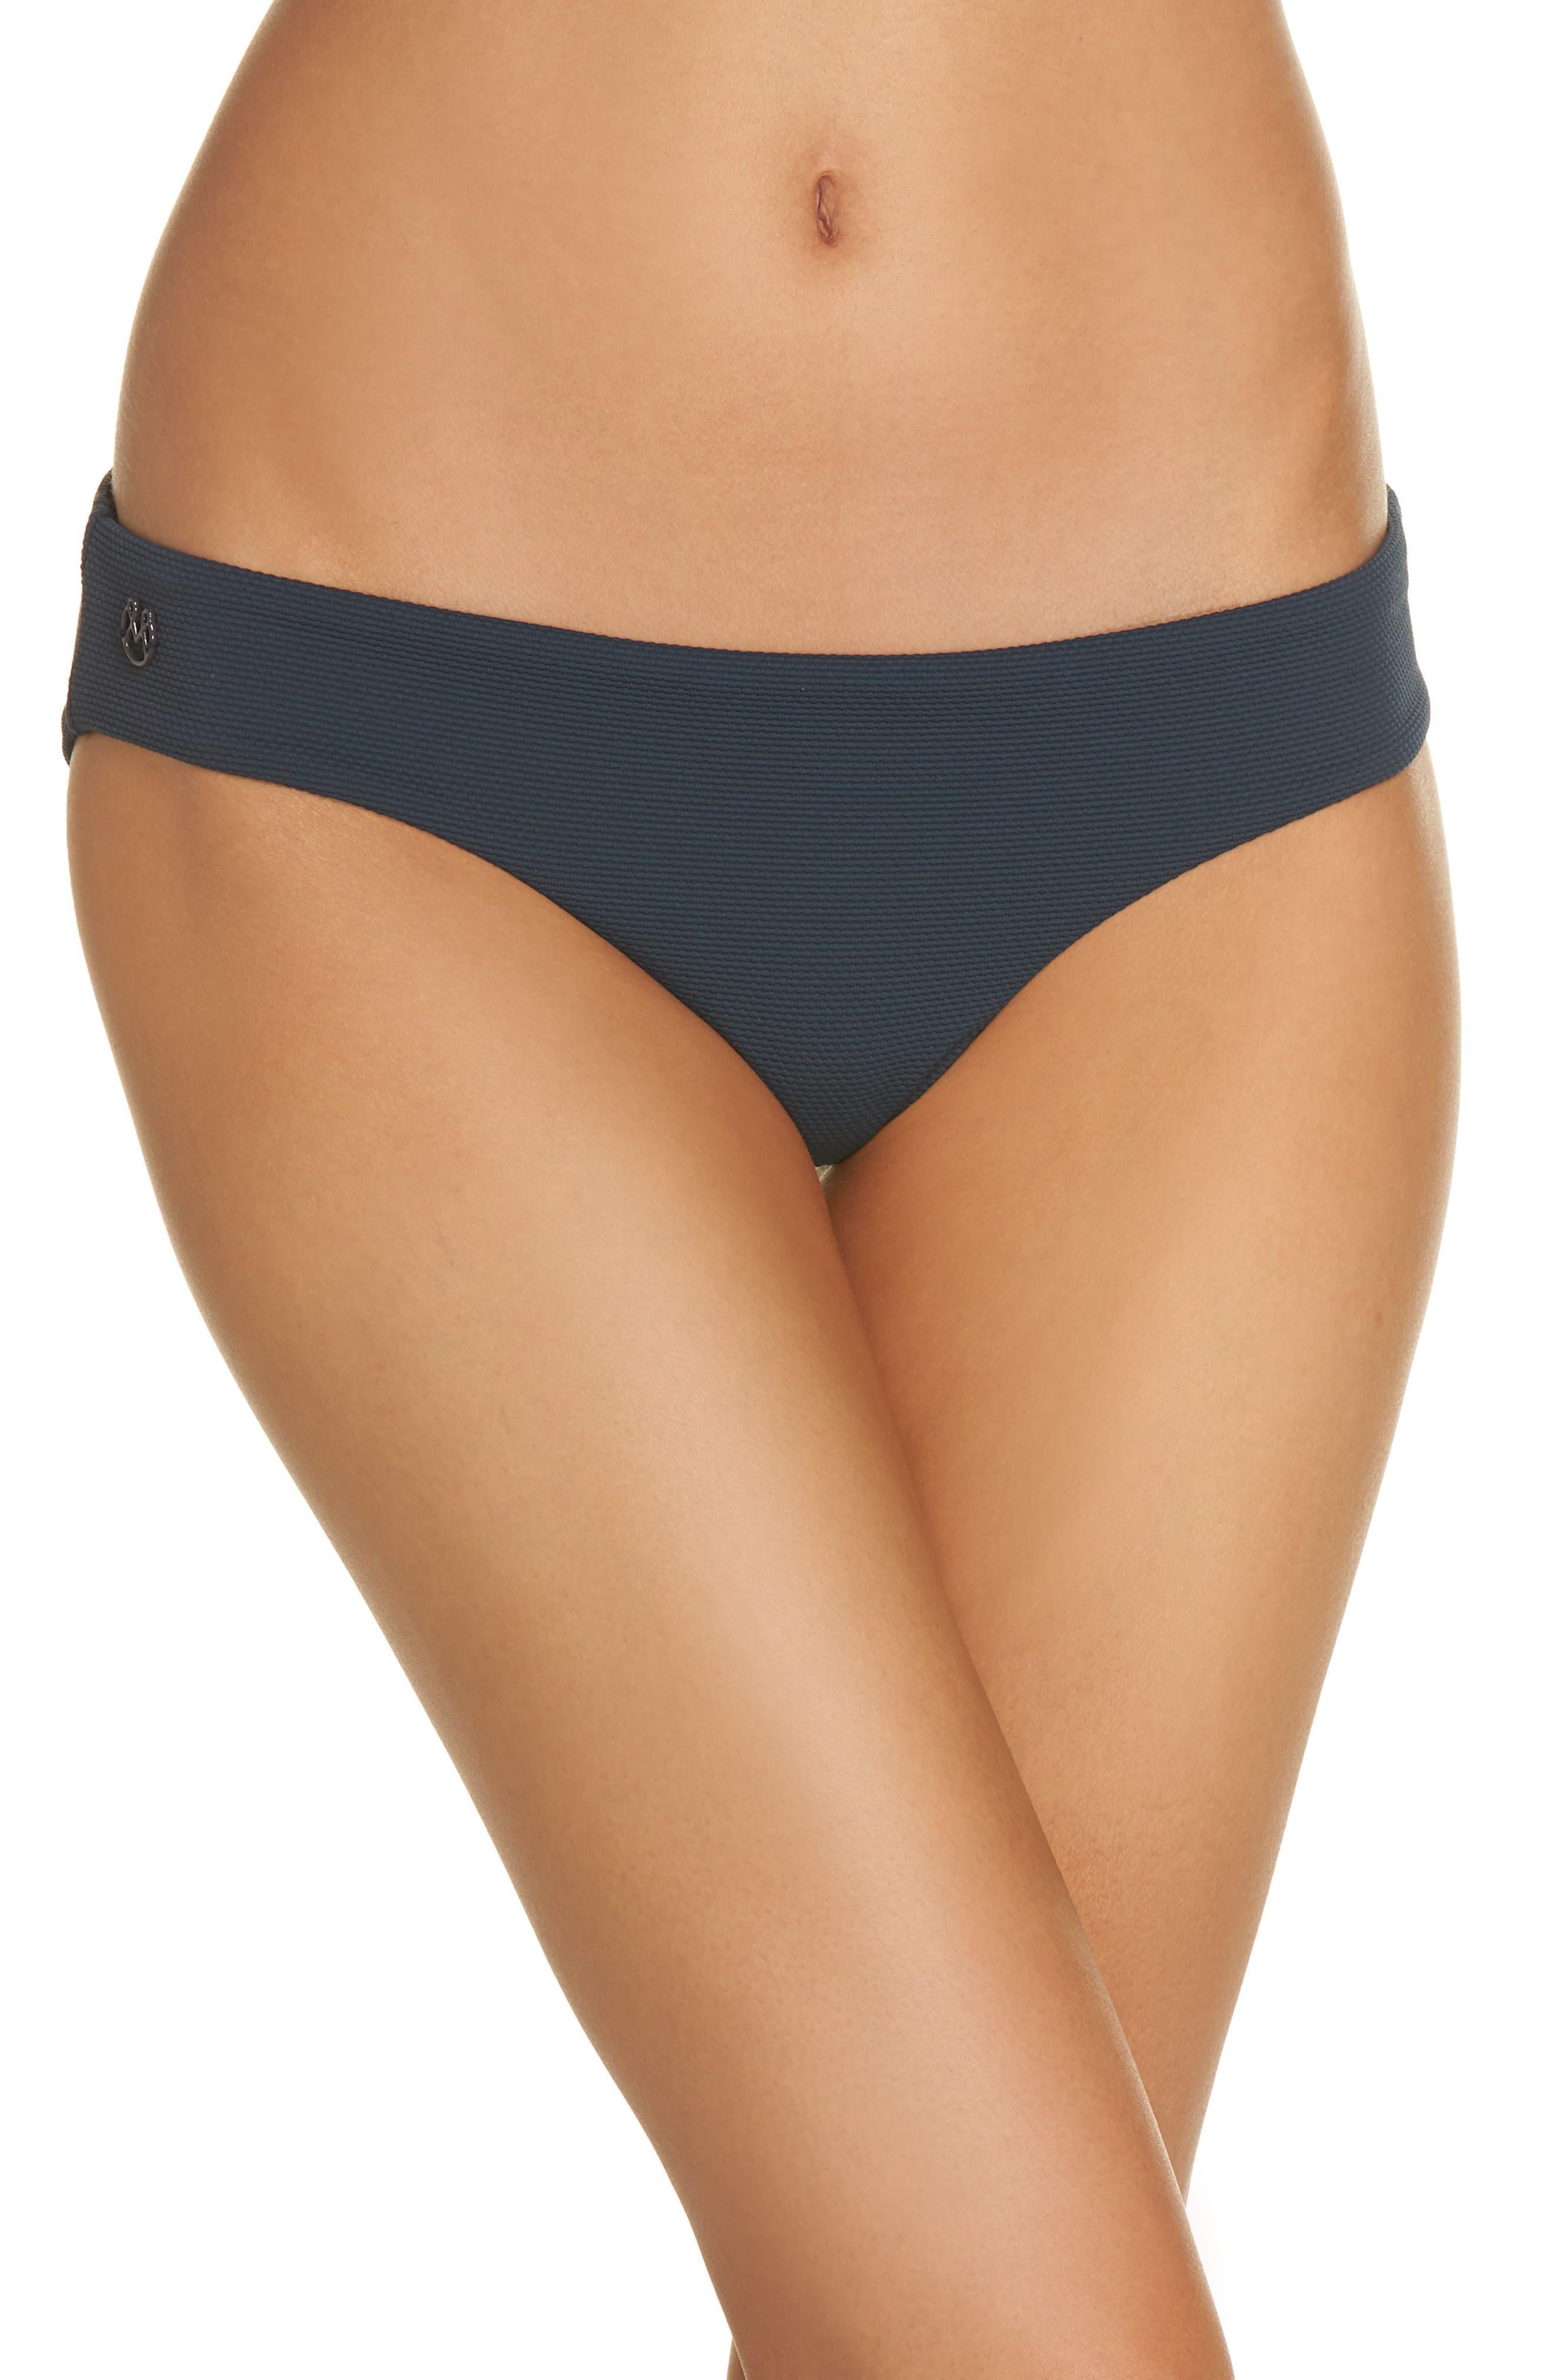 Stargazer Sublime Signature Reversible Bikini Bottoms,                             Main thumbnail 1, color,                             400